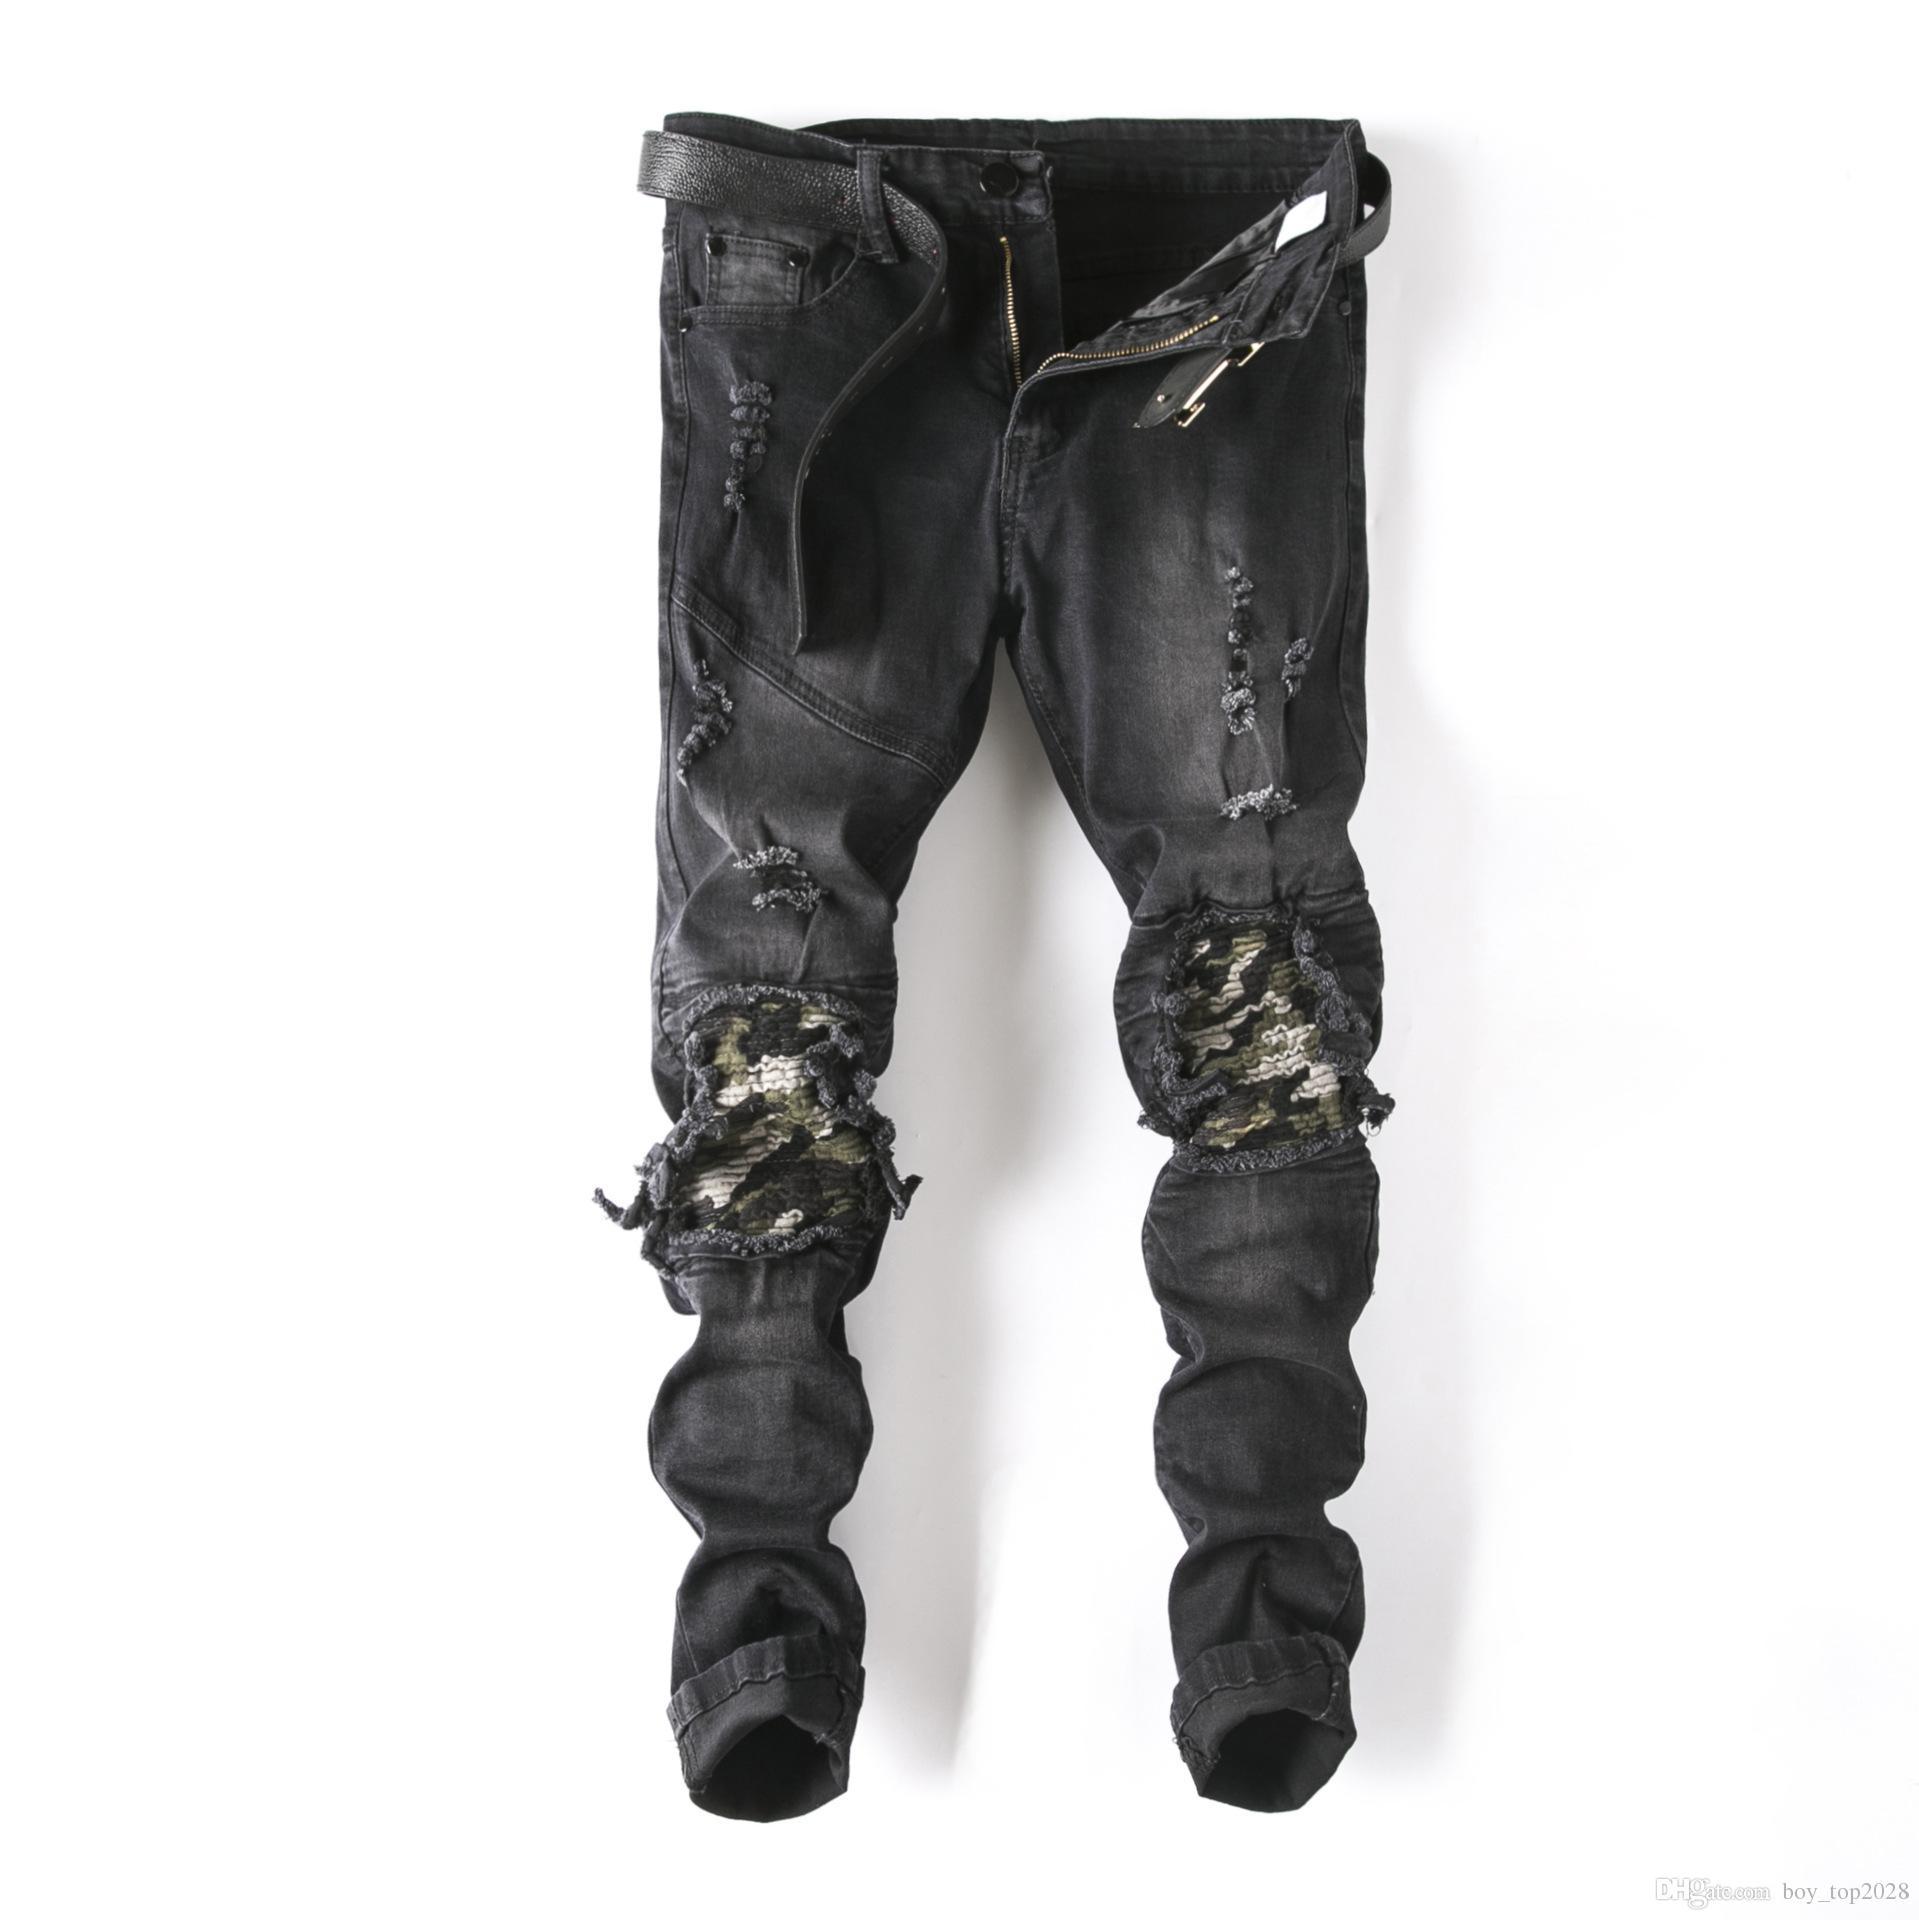 Лучшие 2018 мотоцикл мужские джинсы тонкое отверстие мода качество камуфляж цвет байкер джинсы тонкий прямые джинсы